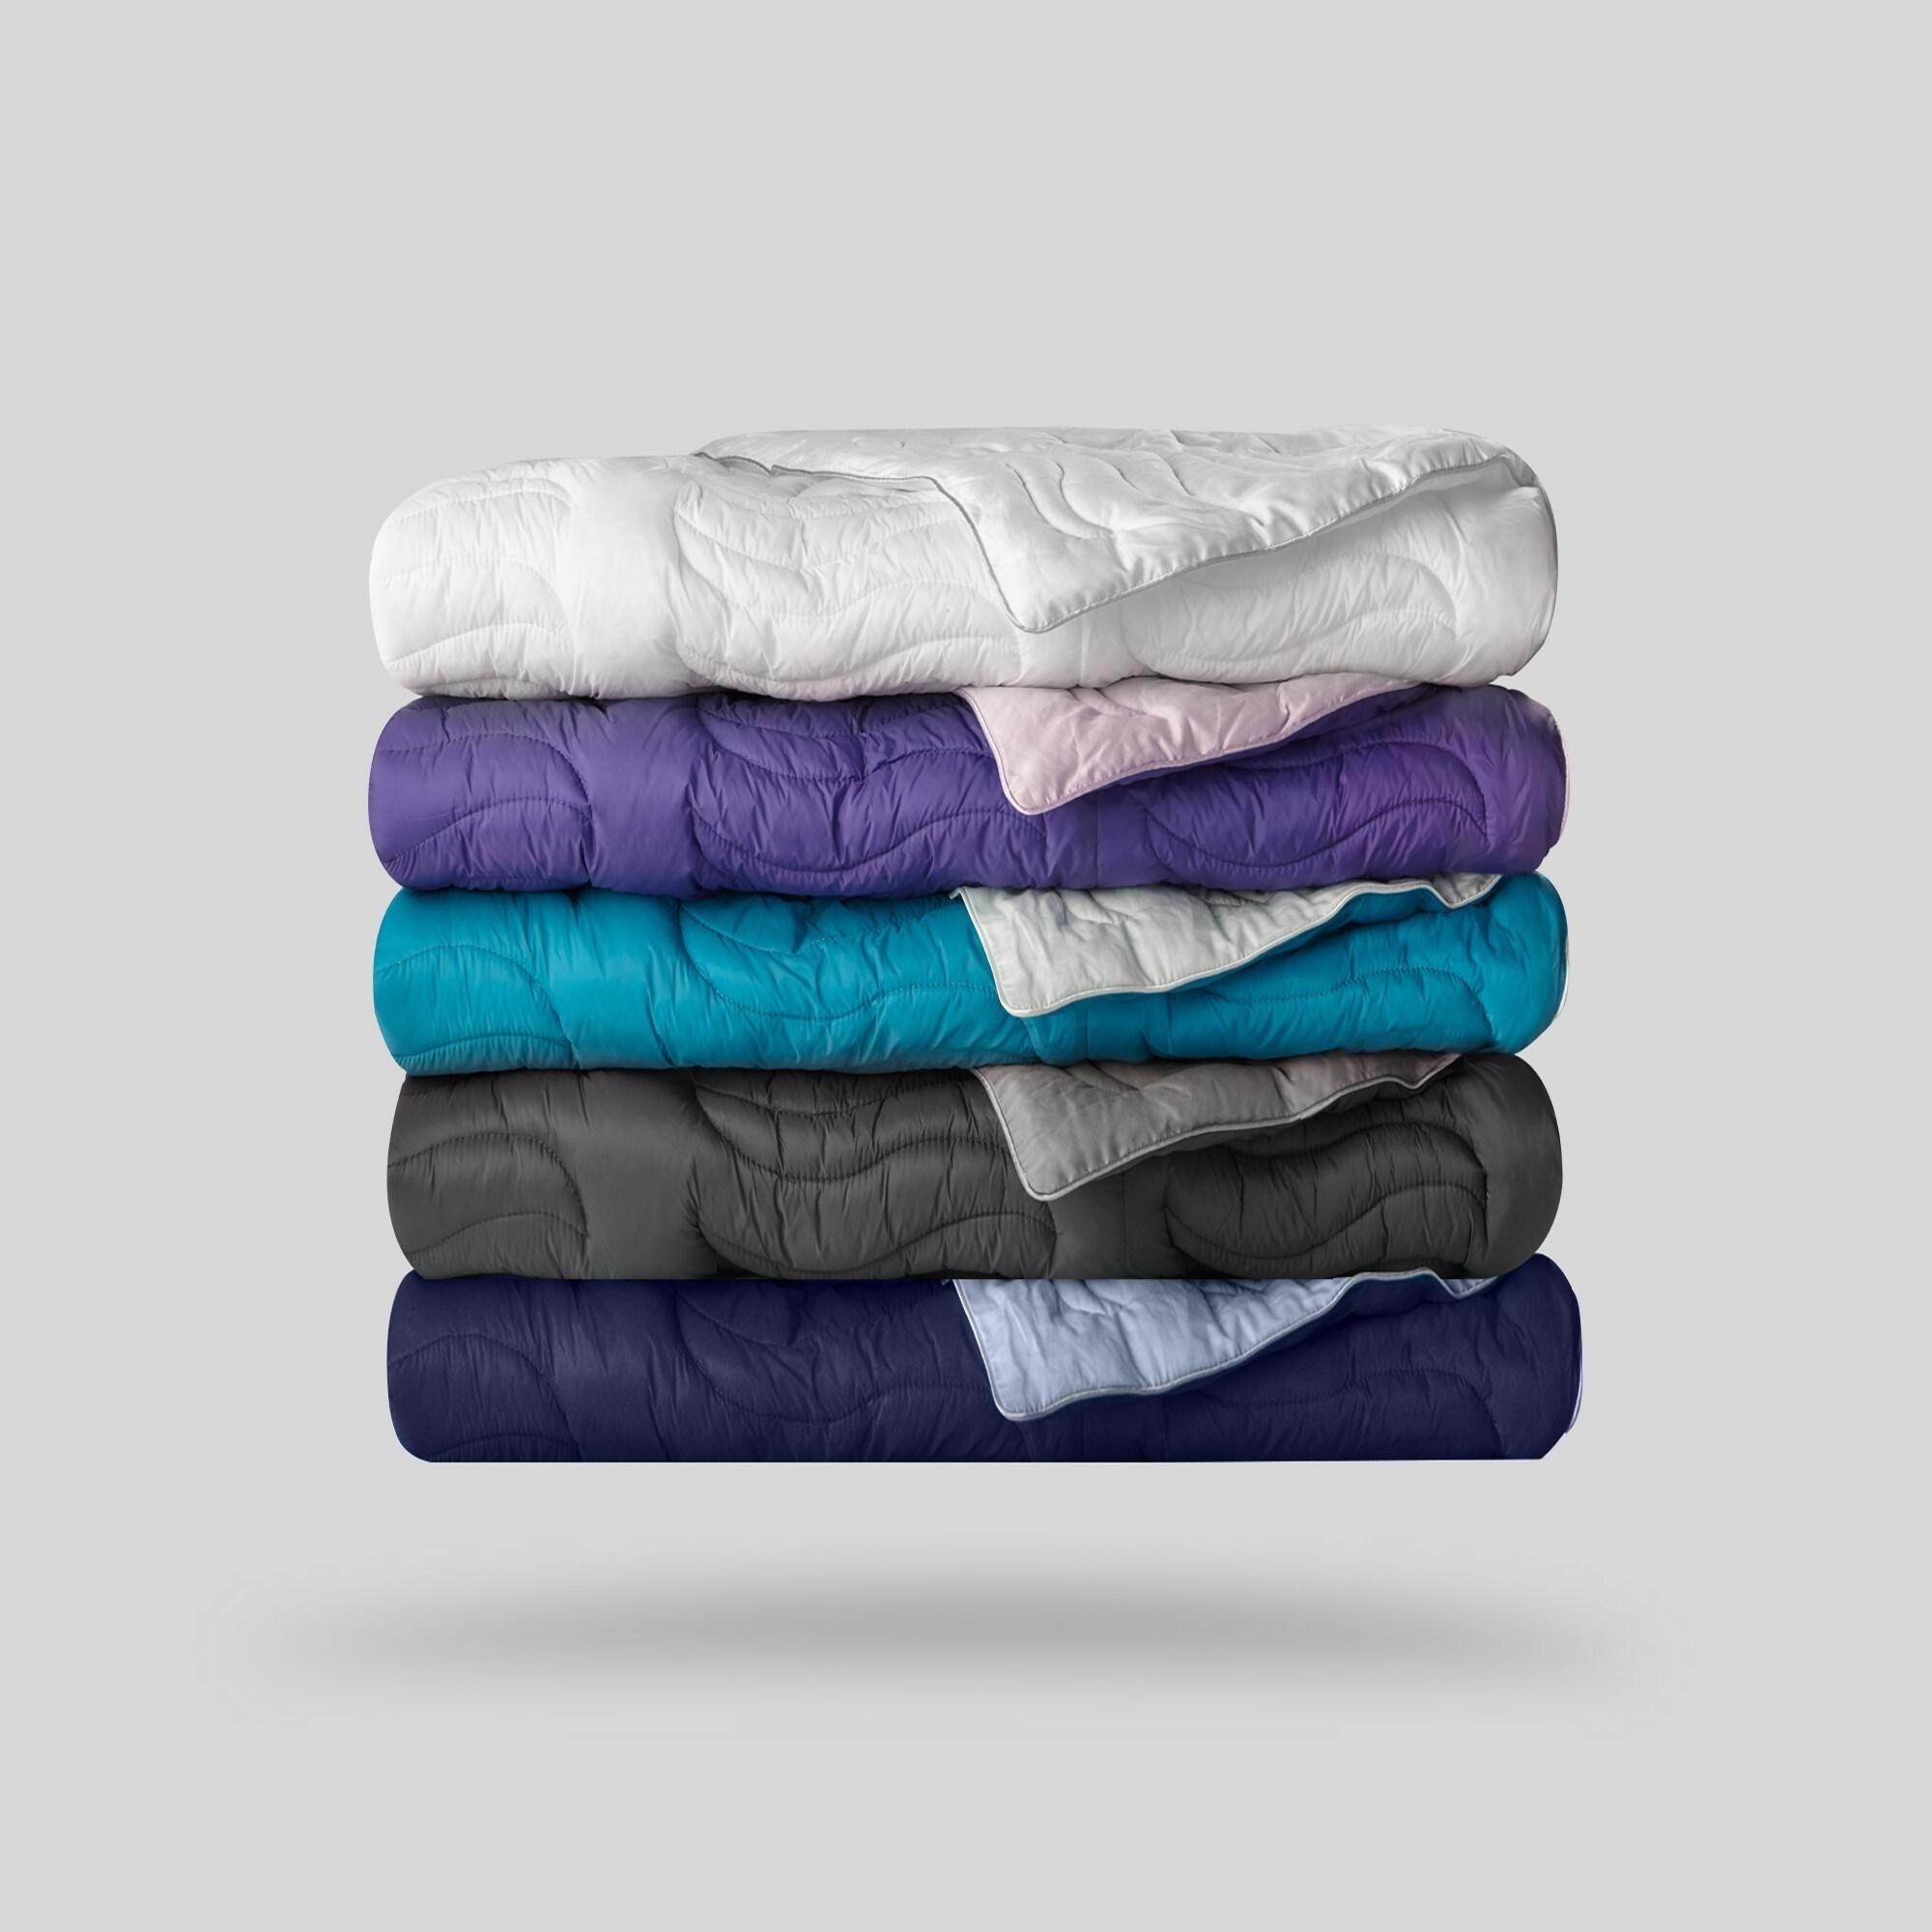 Bedgear Bed Gear Warmer Performance Blankets (Purple - Fu...